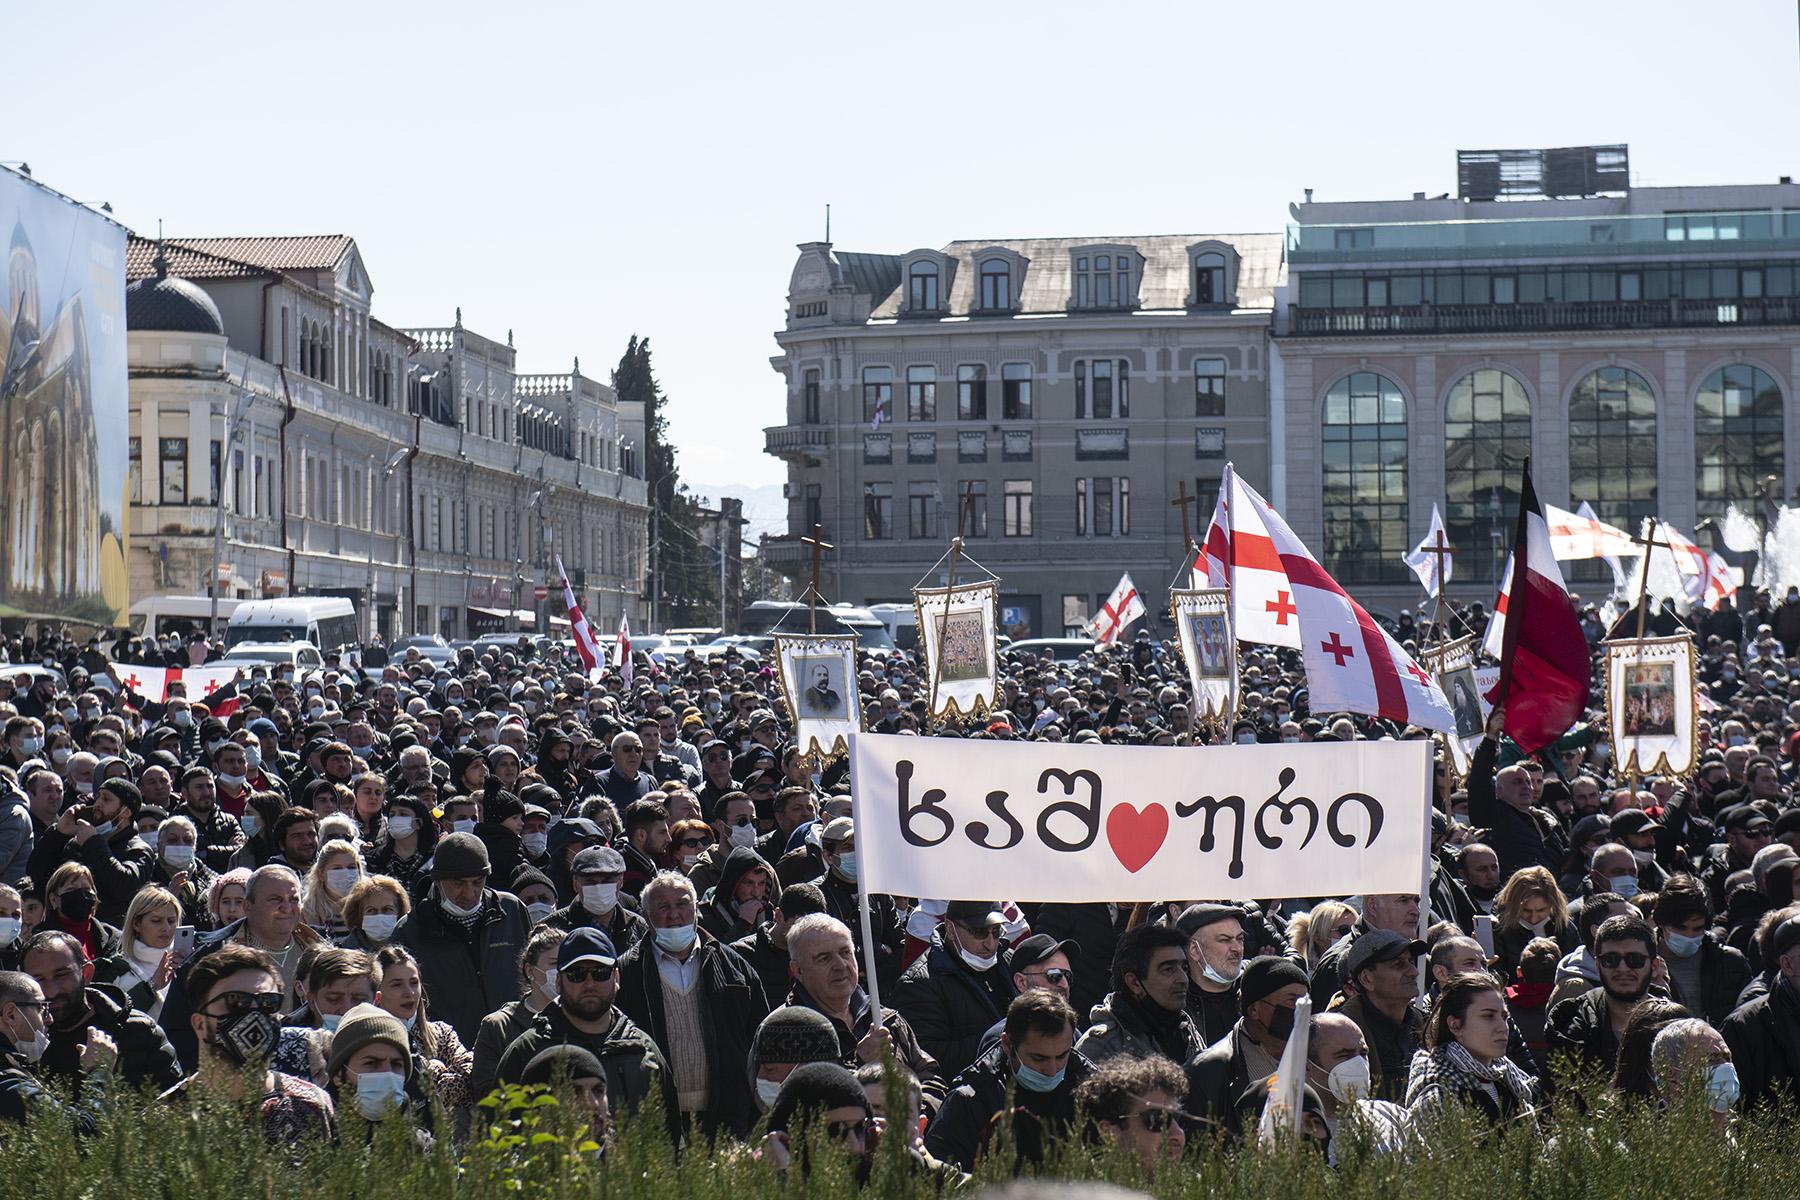 Плакат: «Хашури». Фото: Мариам Никурадзе/OC Media